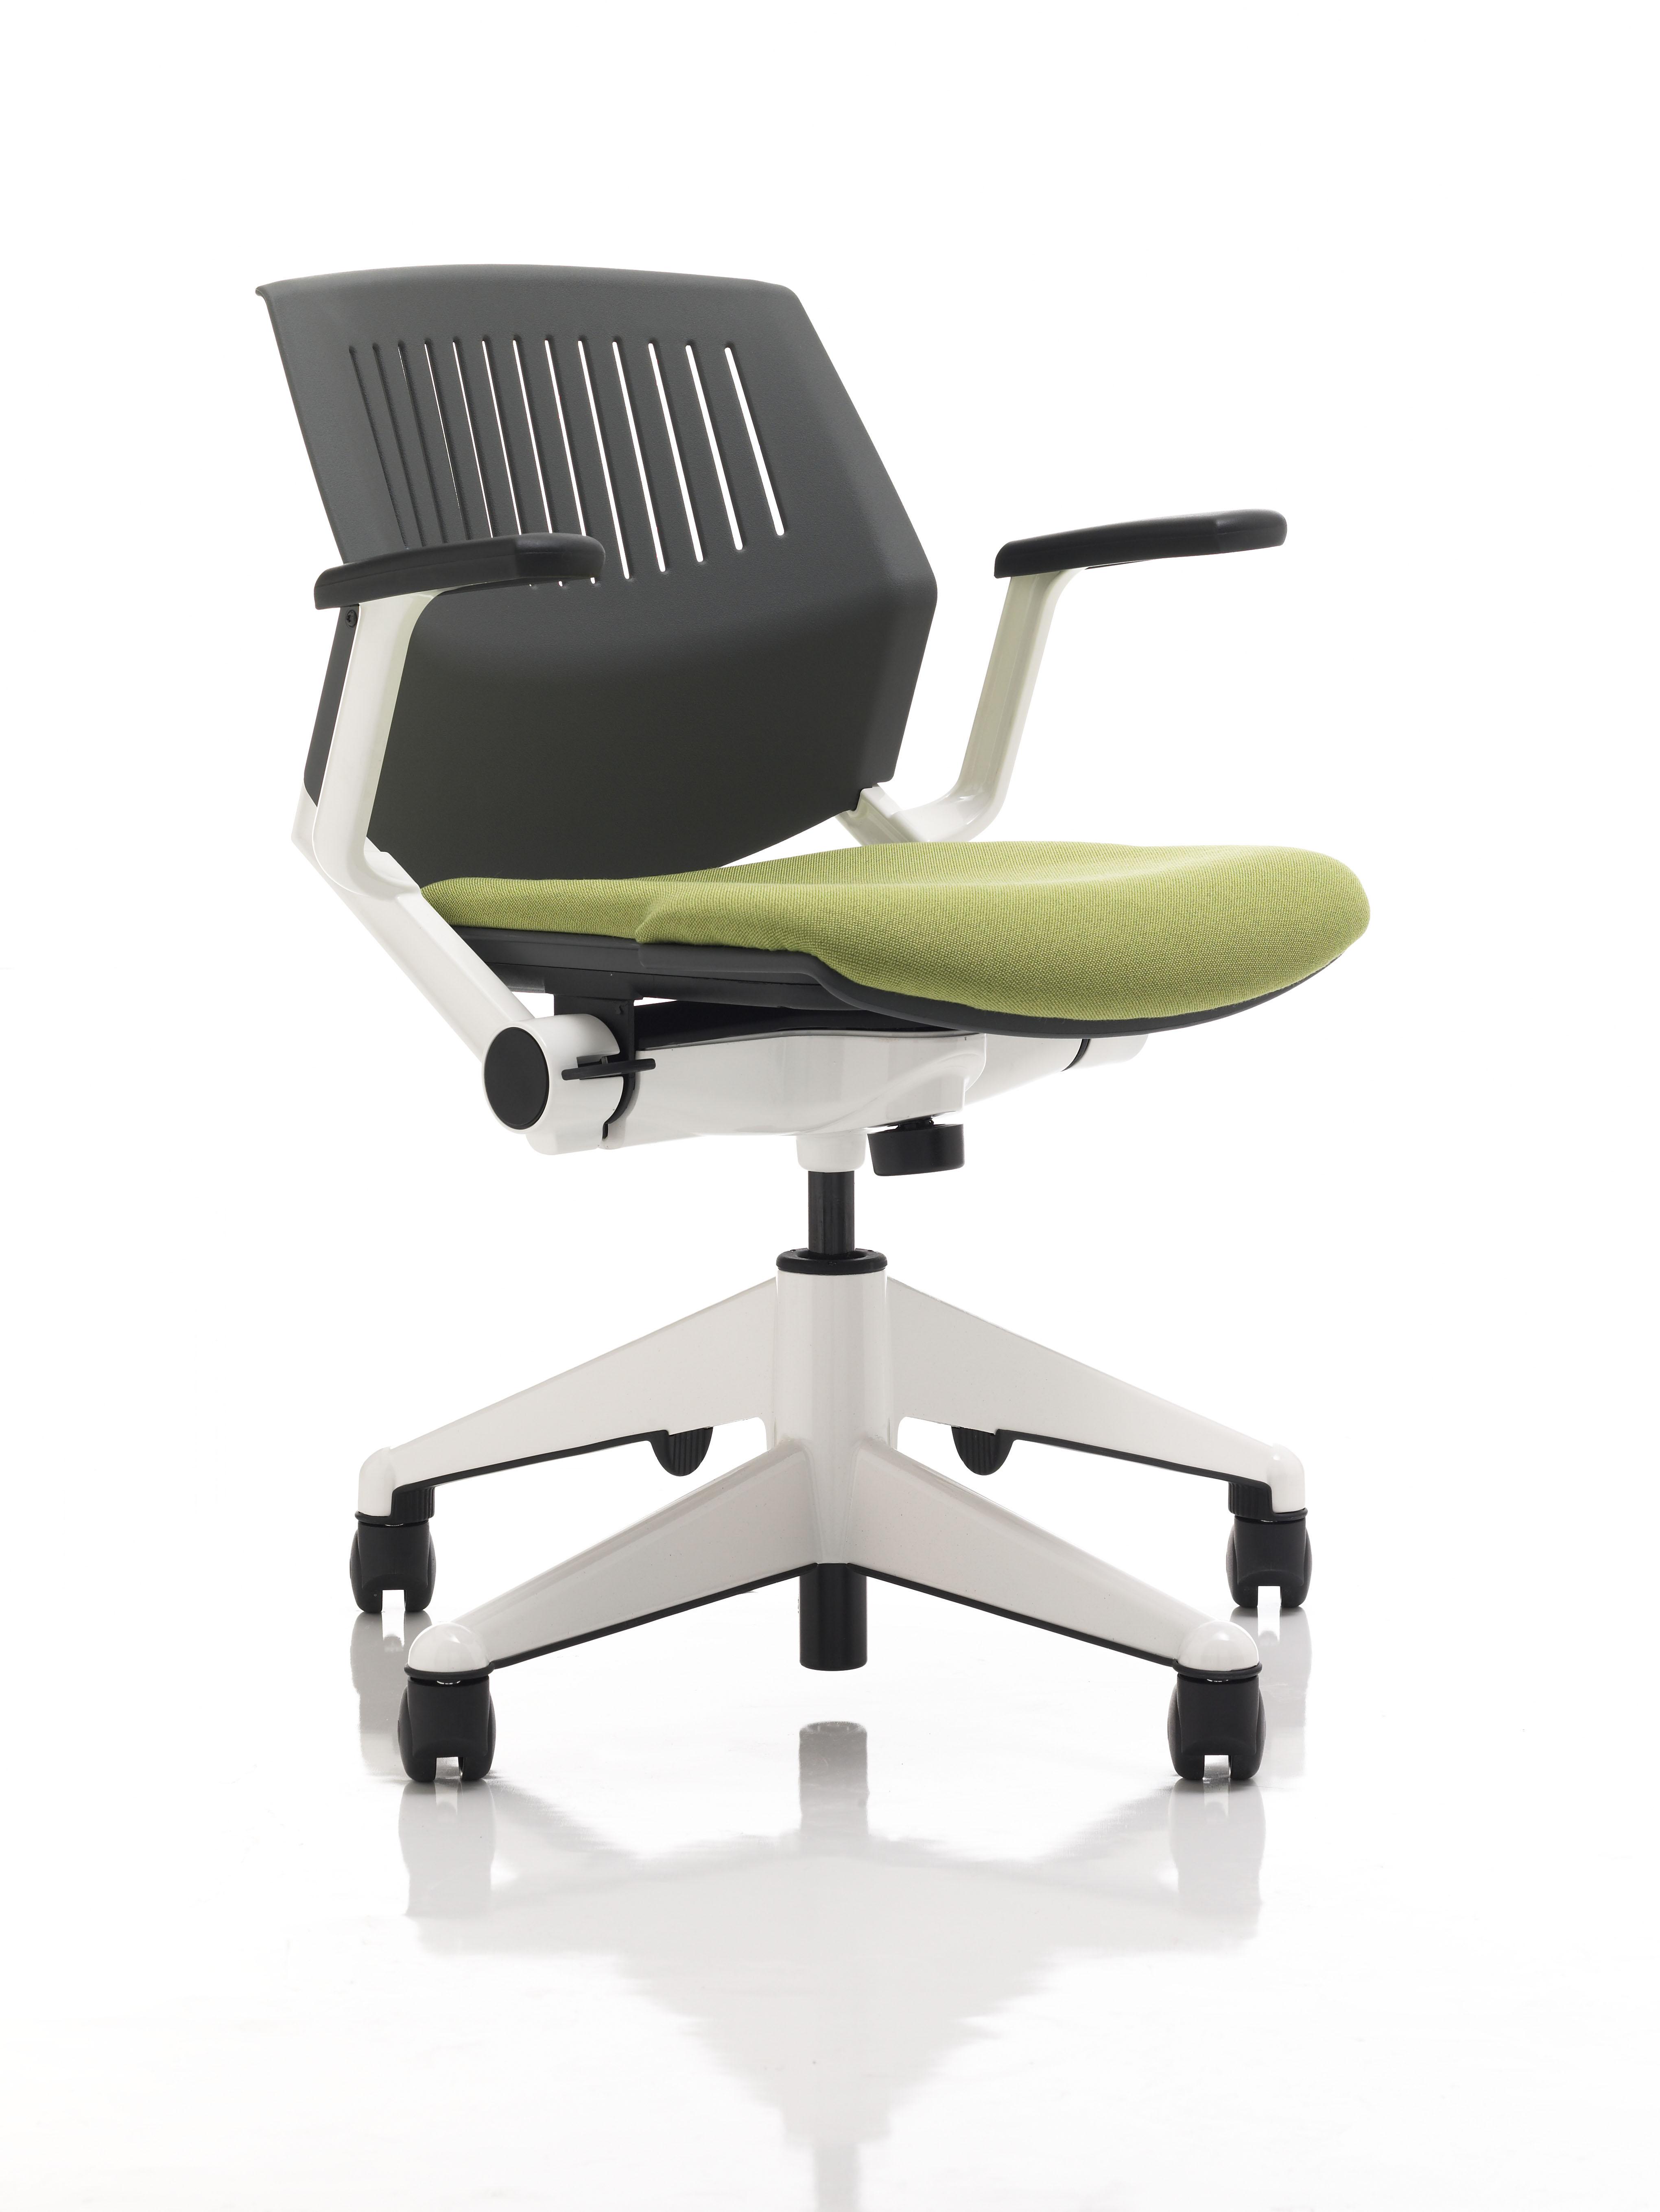 Kart Nesting Chair